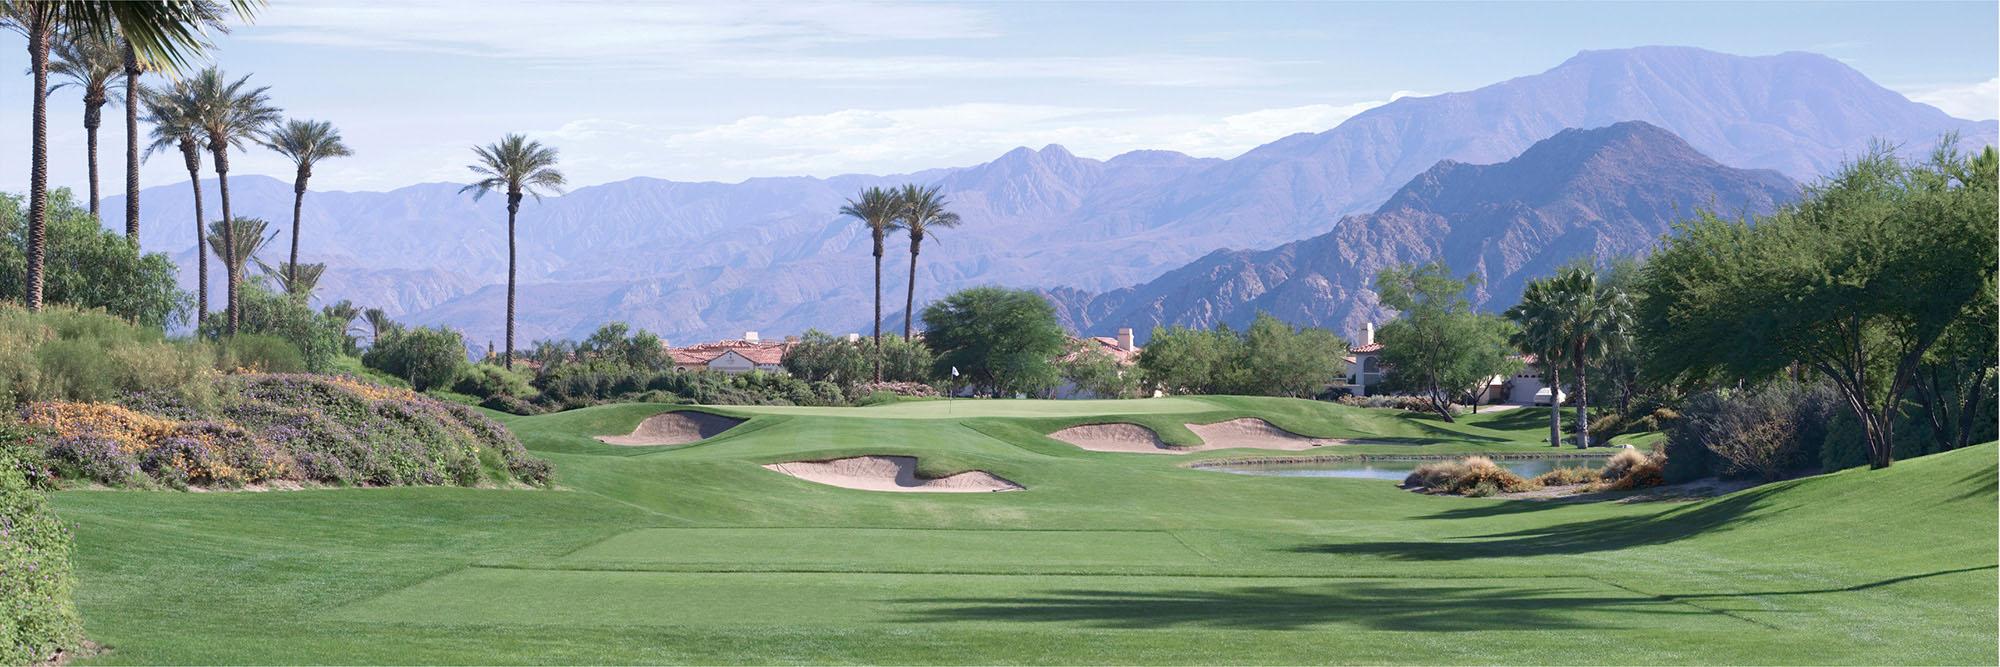 Golf Course Image - Rancho La Quinta Pate No. 3